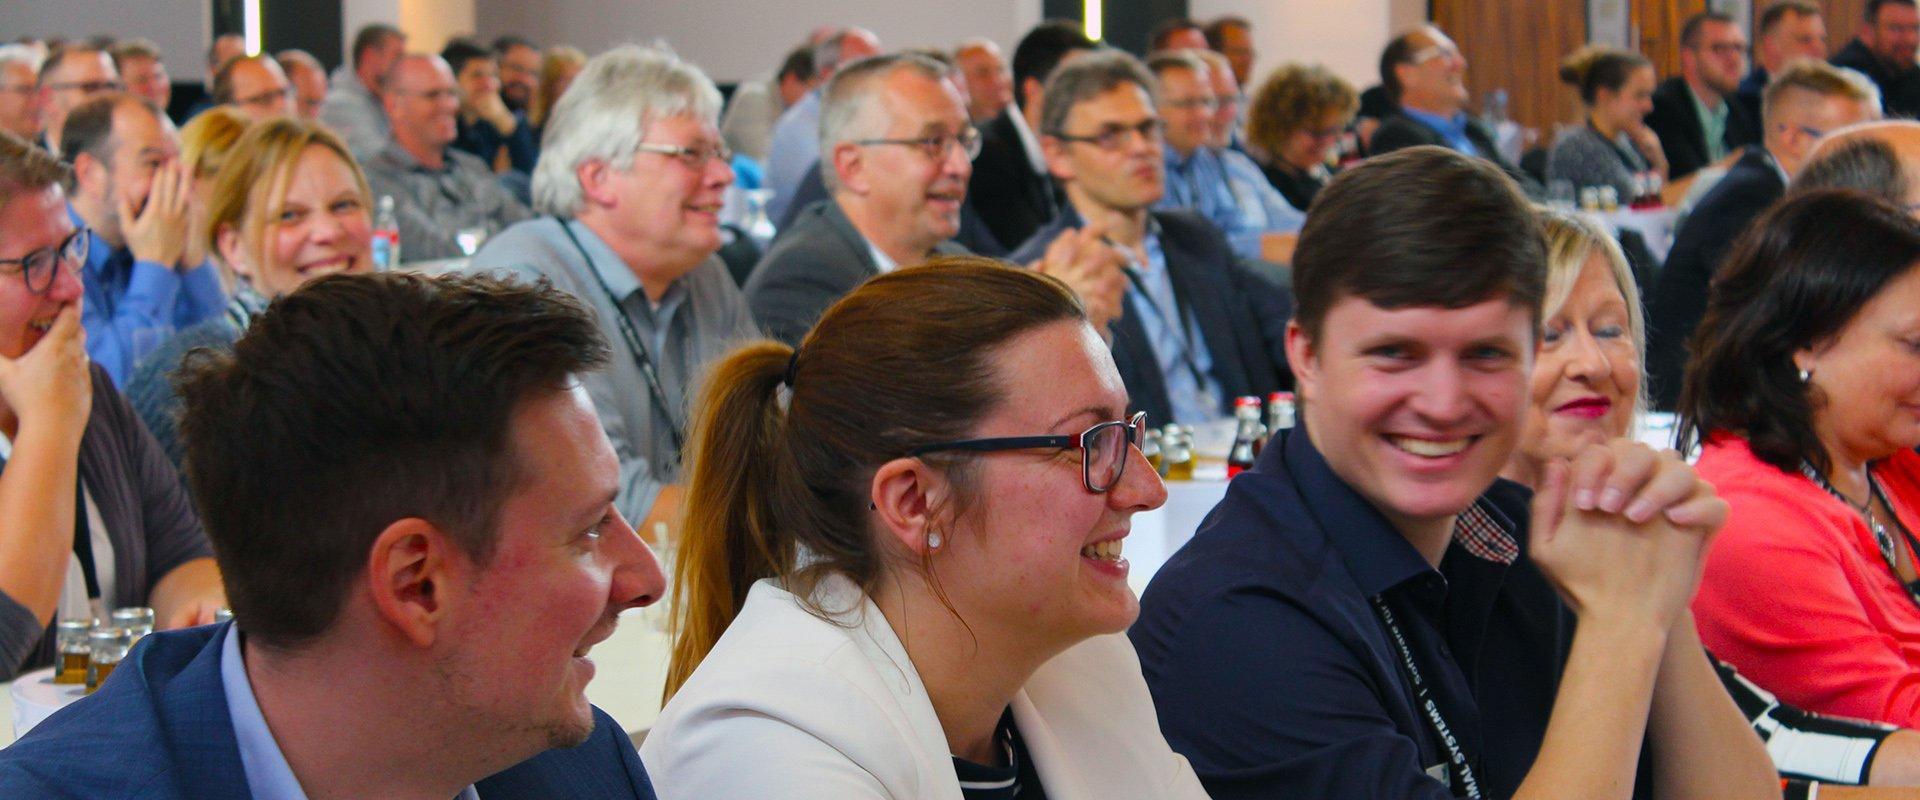 Lachende Teilnehmer einer Veranstaltung von OPTIMAL SYSTEMS